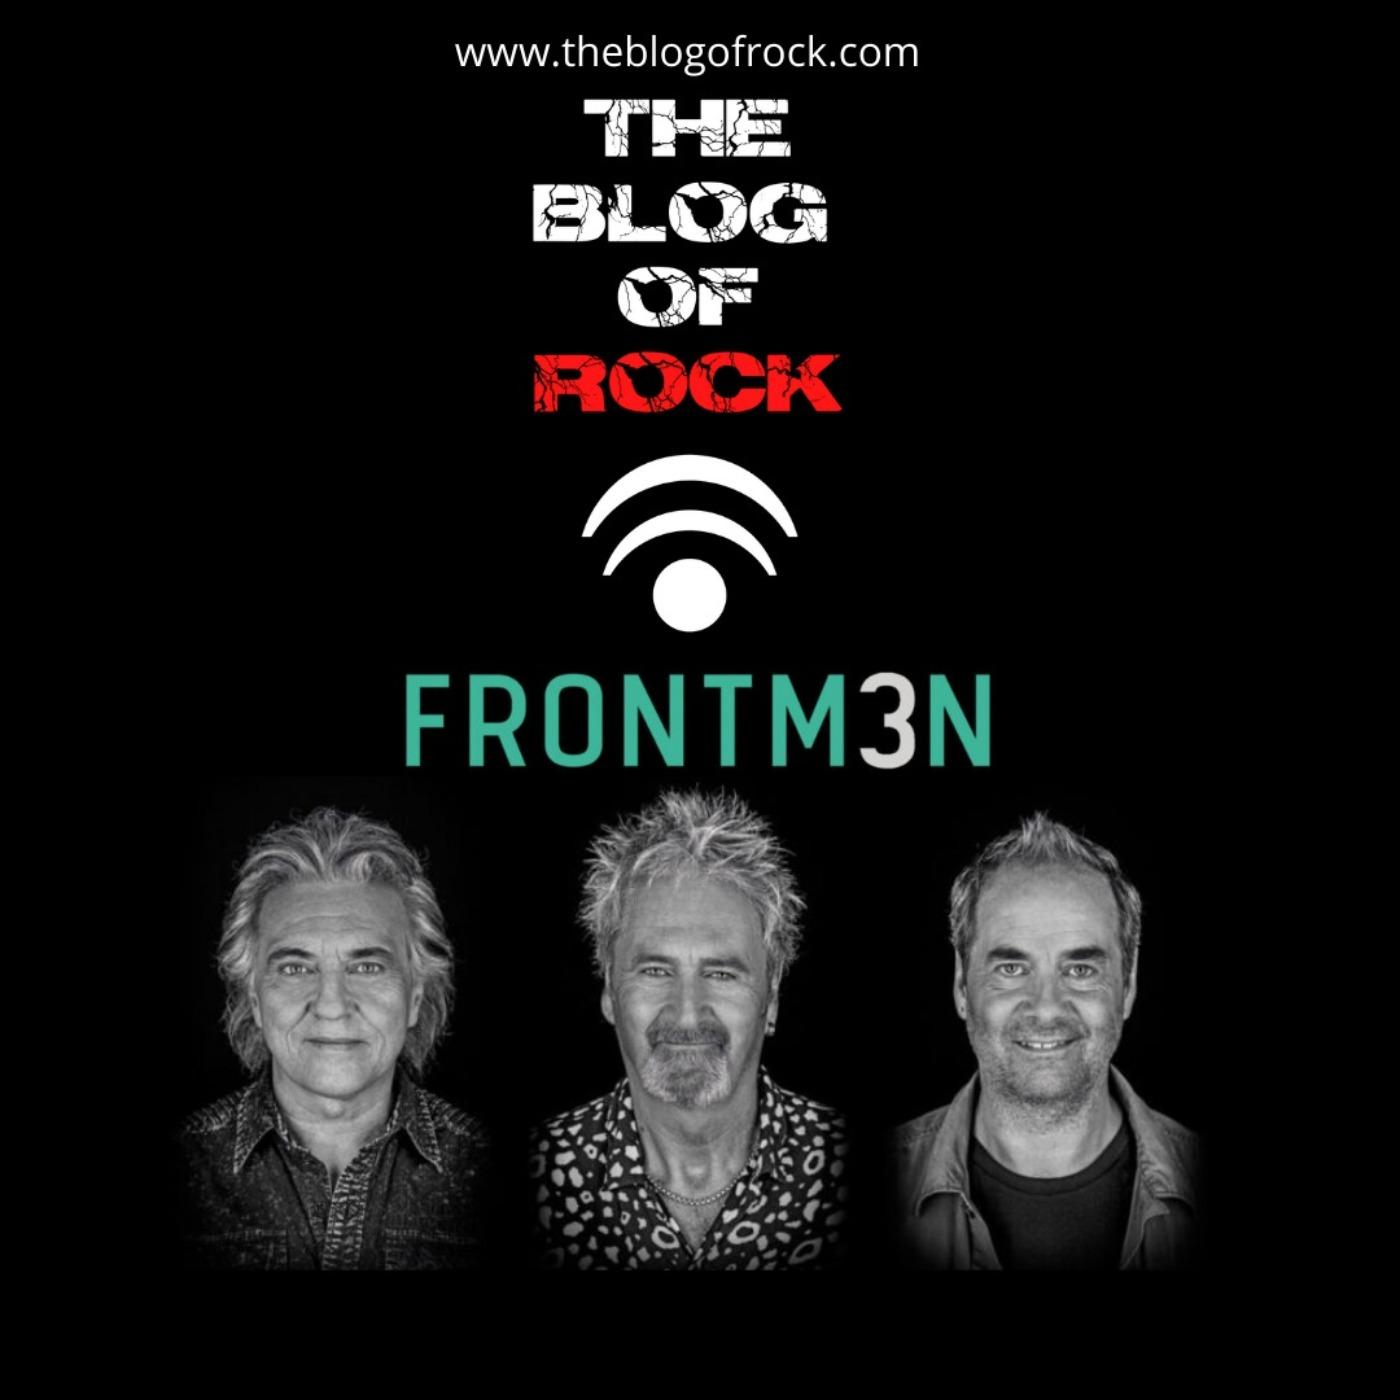 FRONTM3N (full english version)